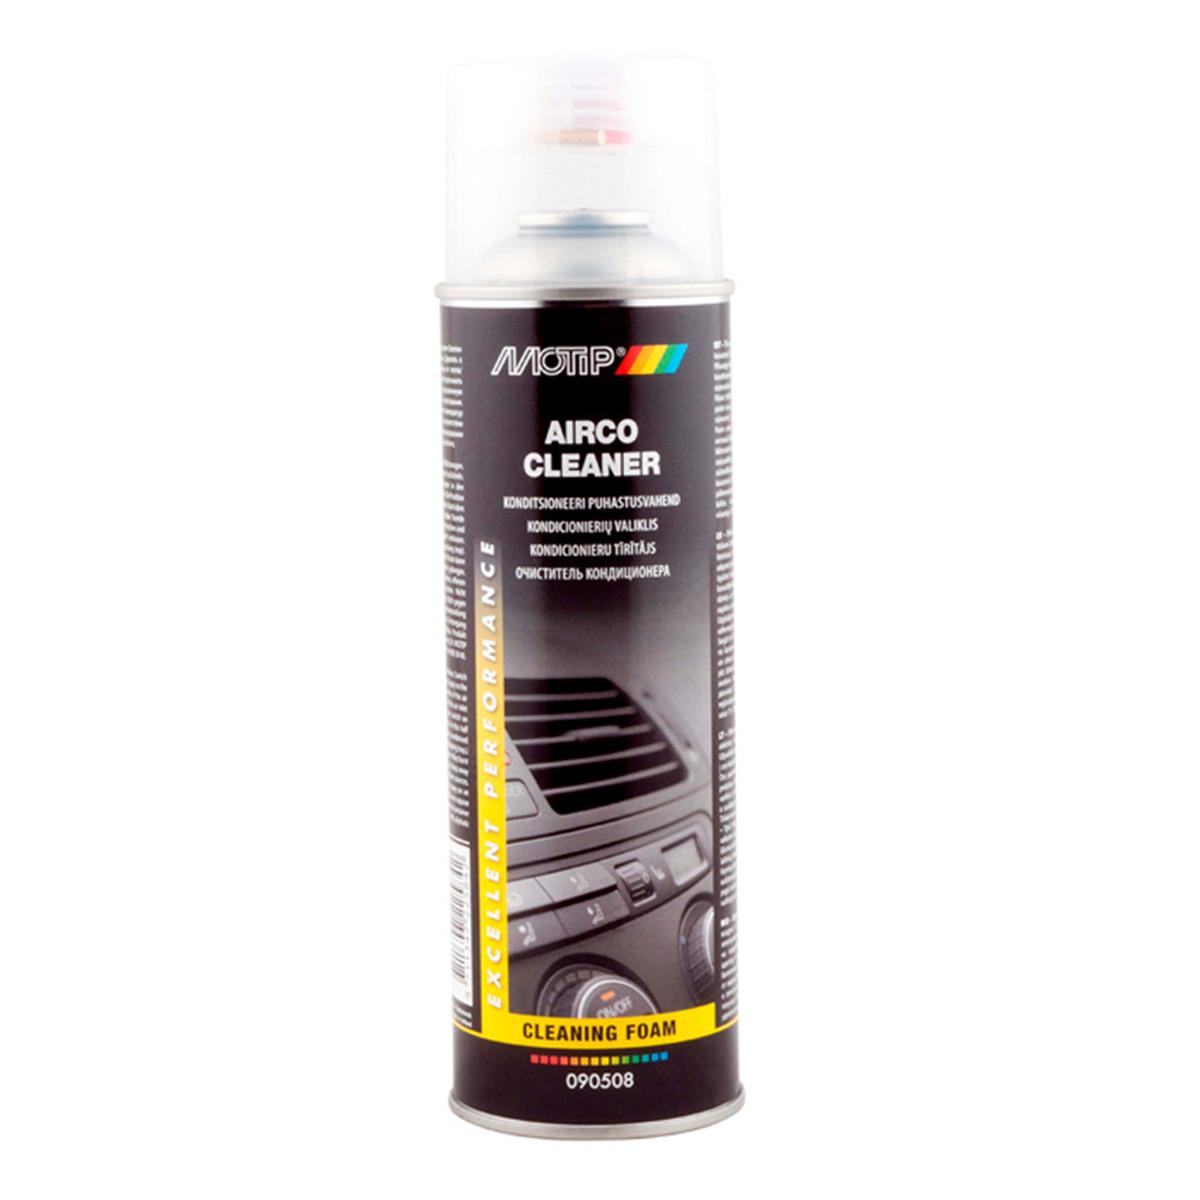 Очиститель кондиционера Motip Airco Cleaner 500 мл (090508)